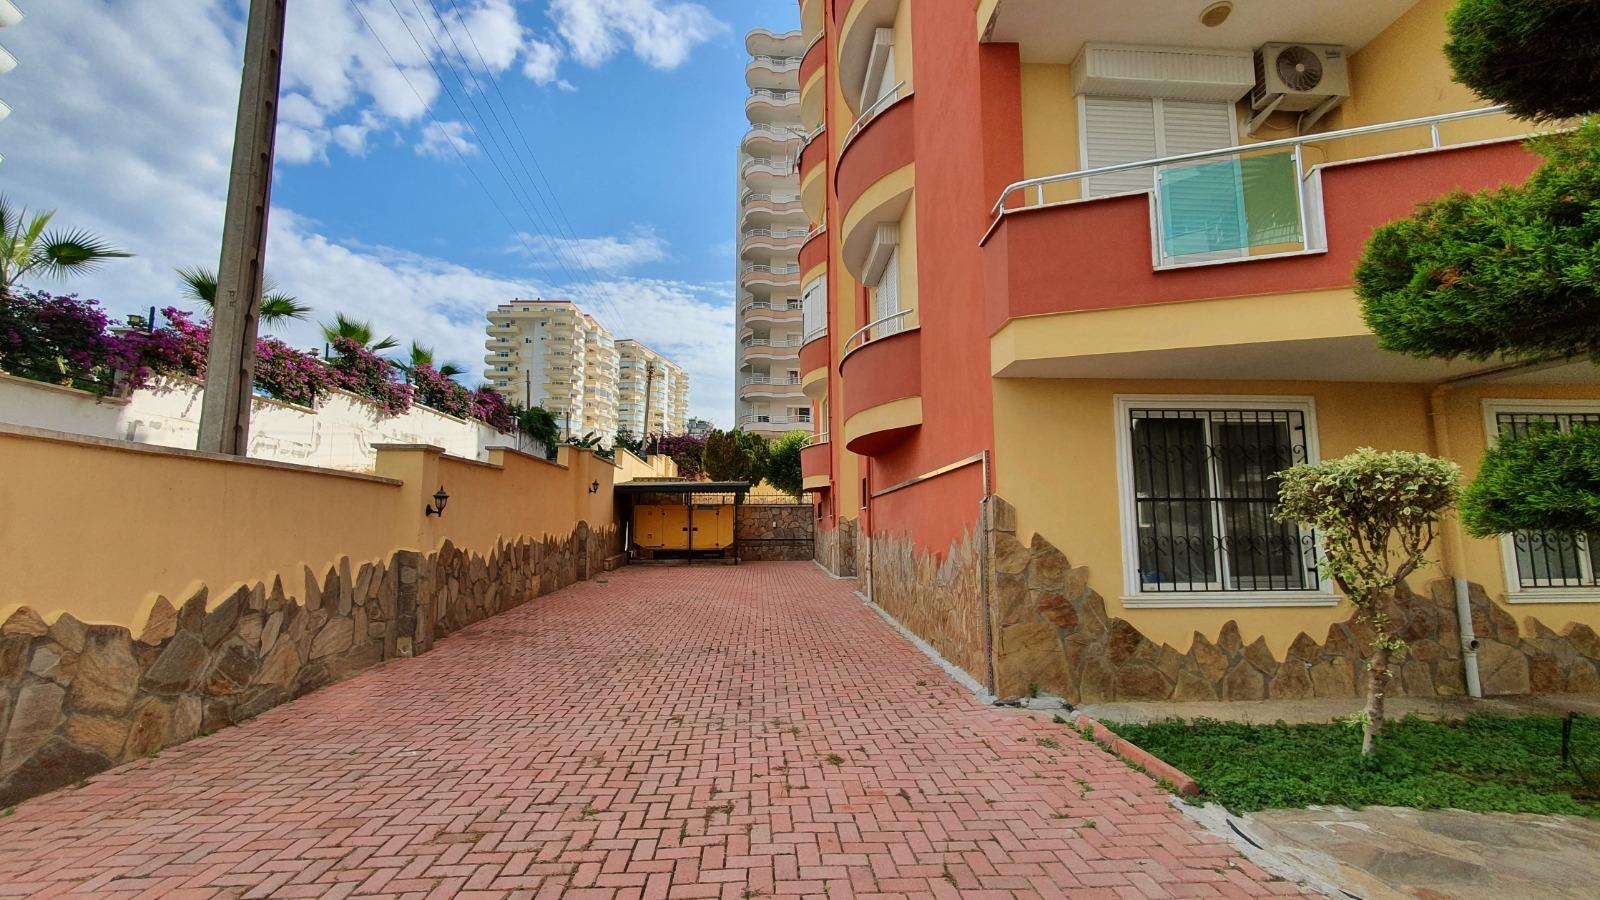 Квартира 2+1 в районе Махмутлар - Фото 27